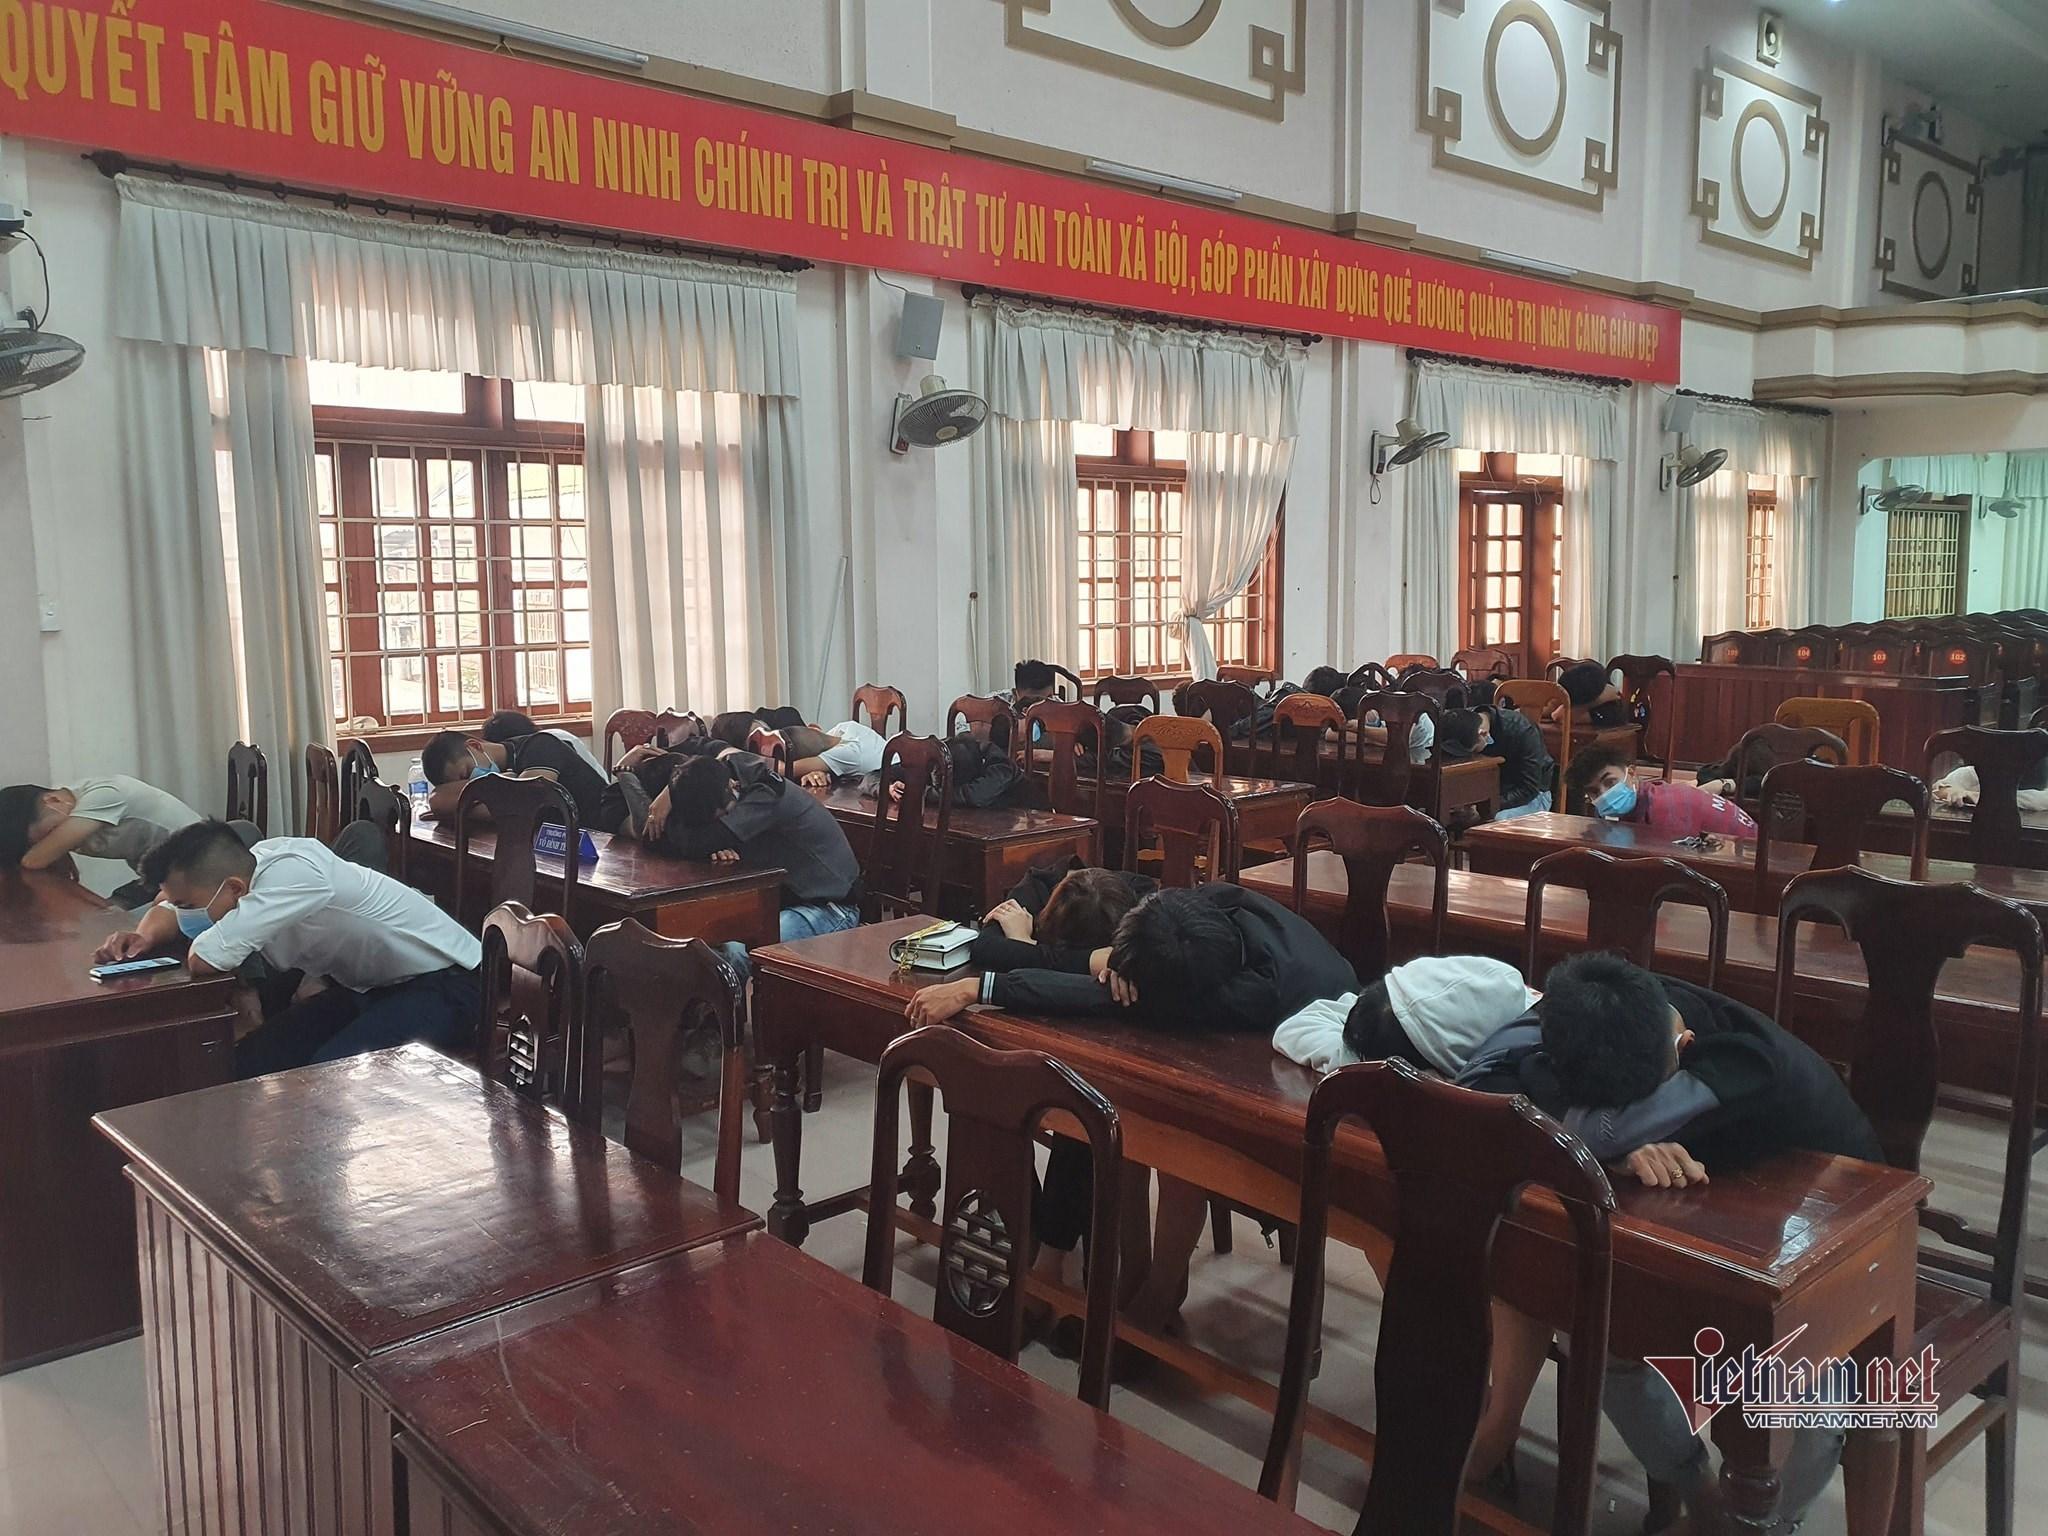 Hơn 50 nam nữ ở Quảng Trị tụ tập 'chơi' ma túy trong quán bar